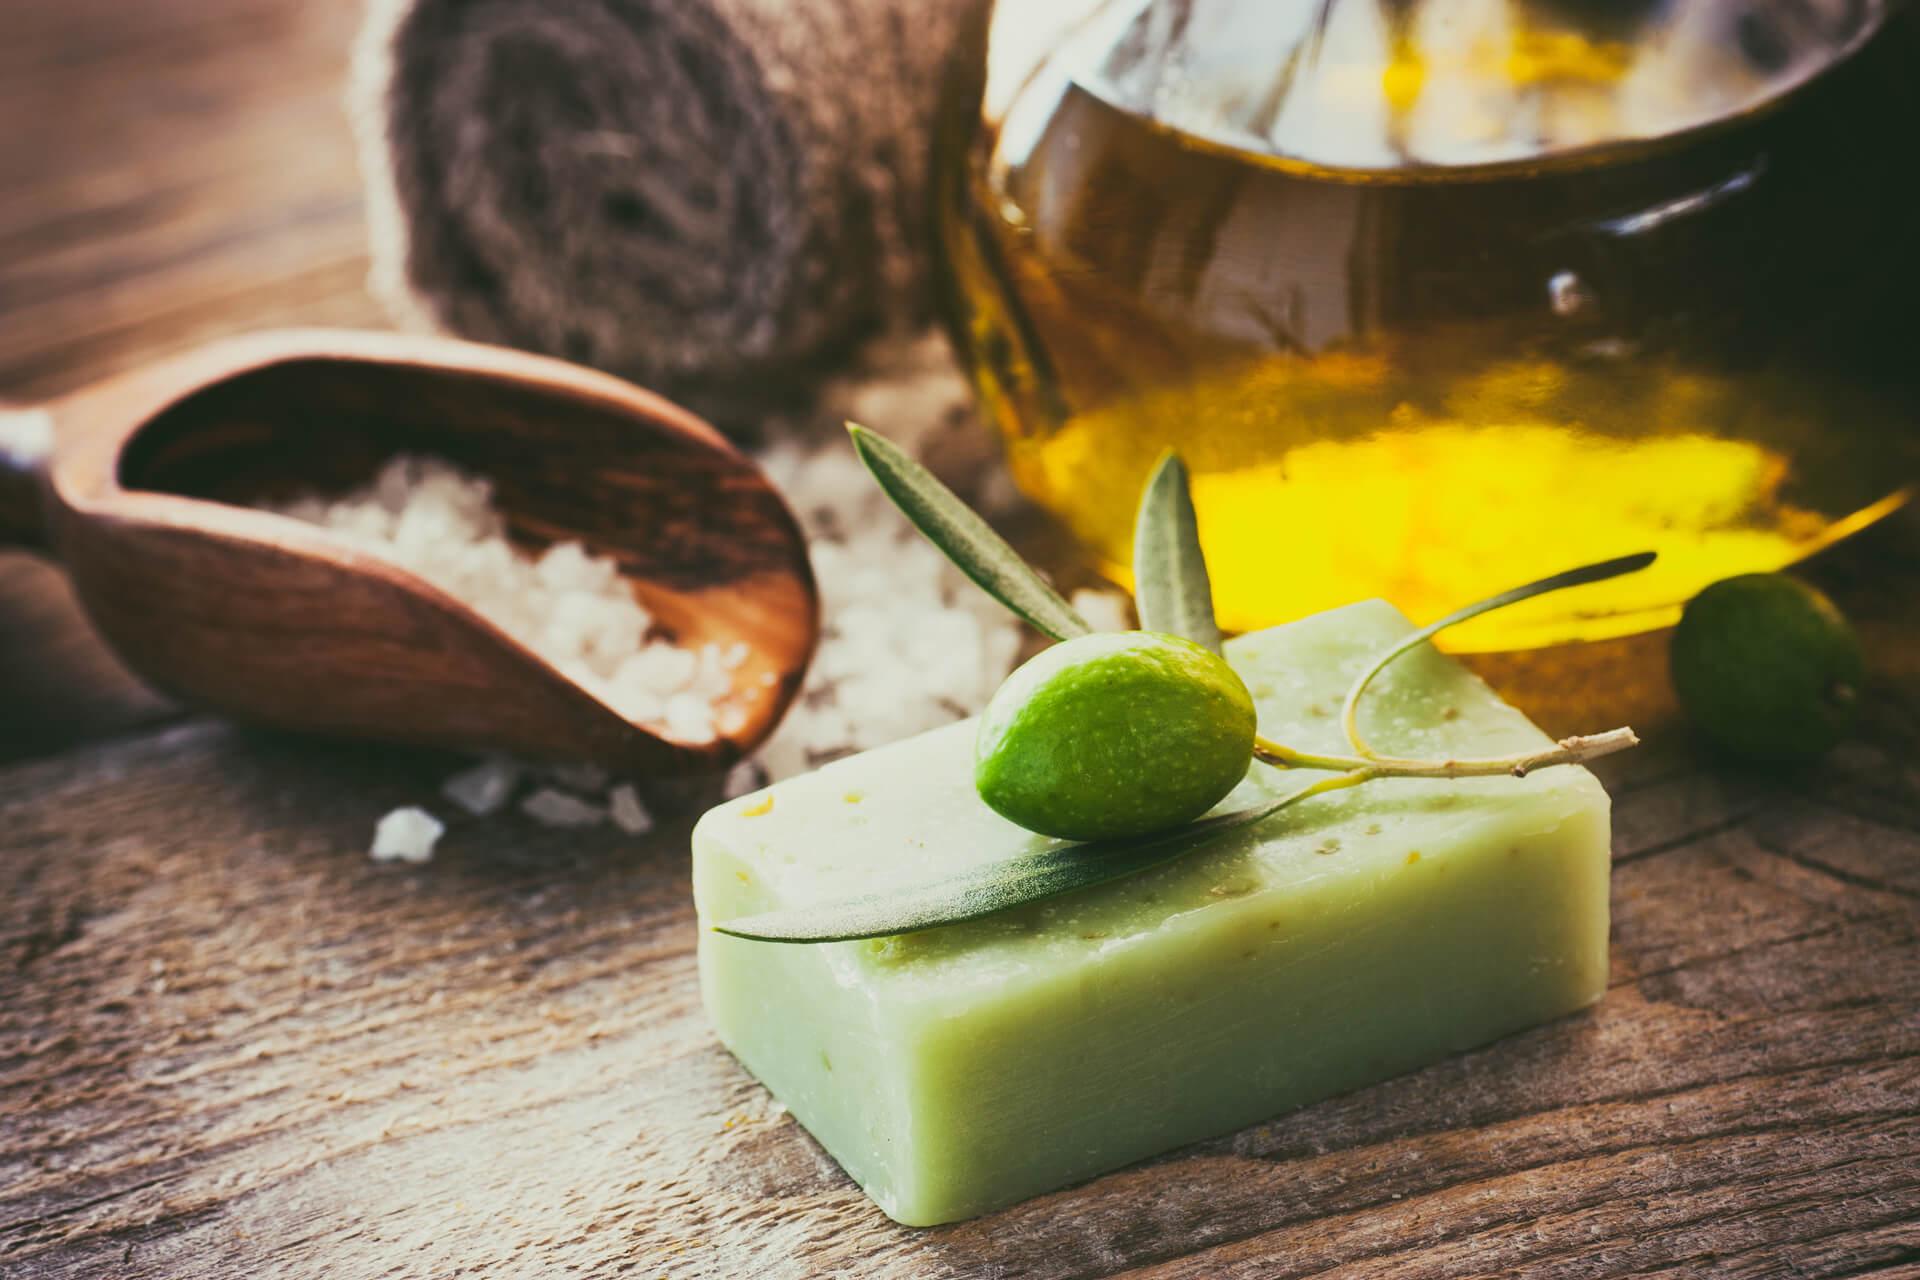 cosmetici olio di oliva_Olio umbro Ronci Bevagna